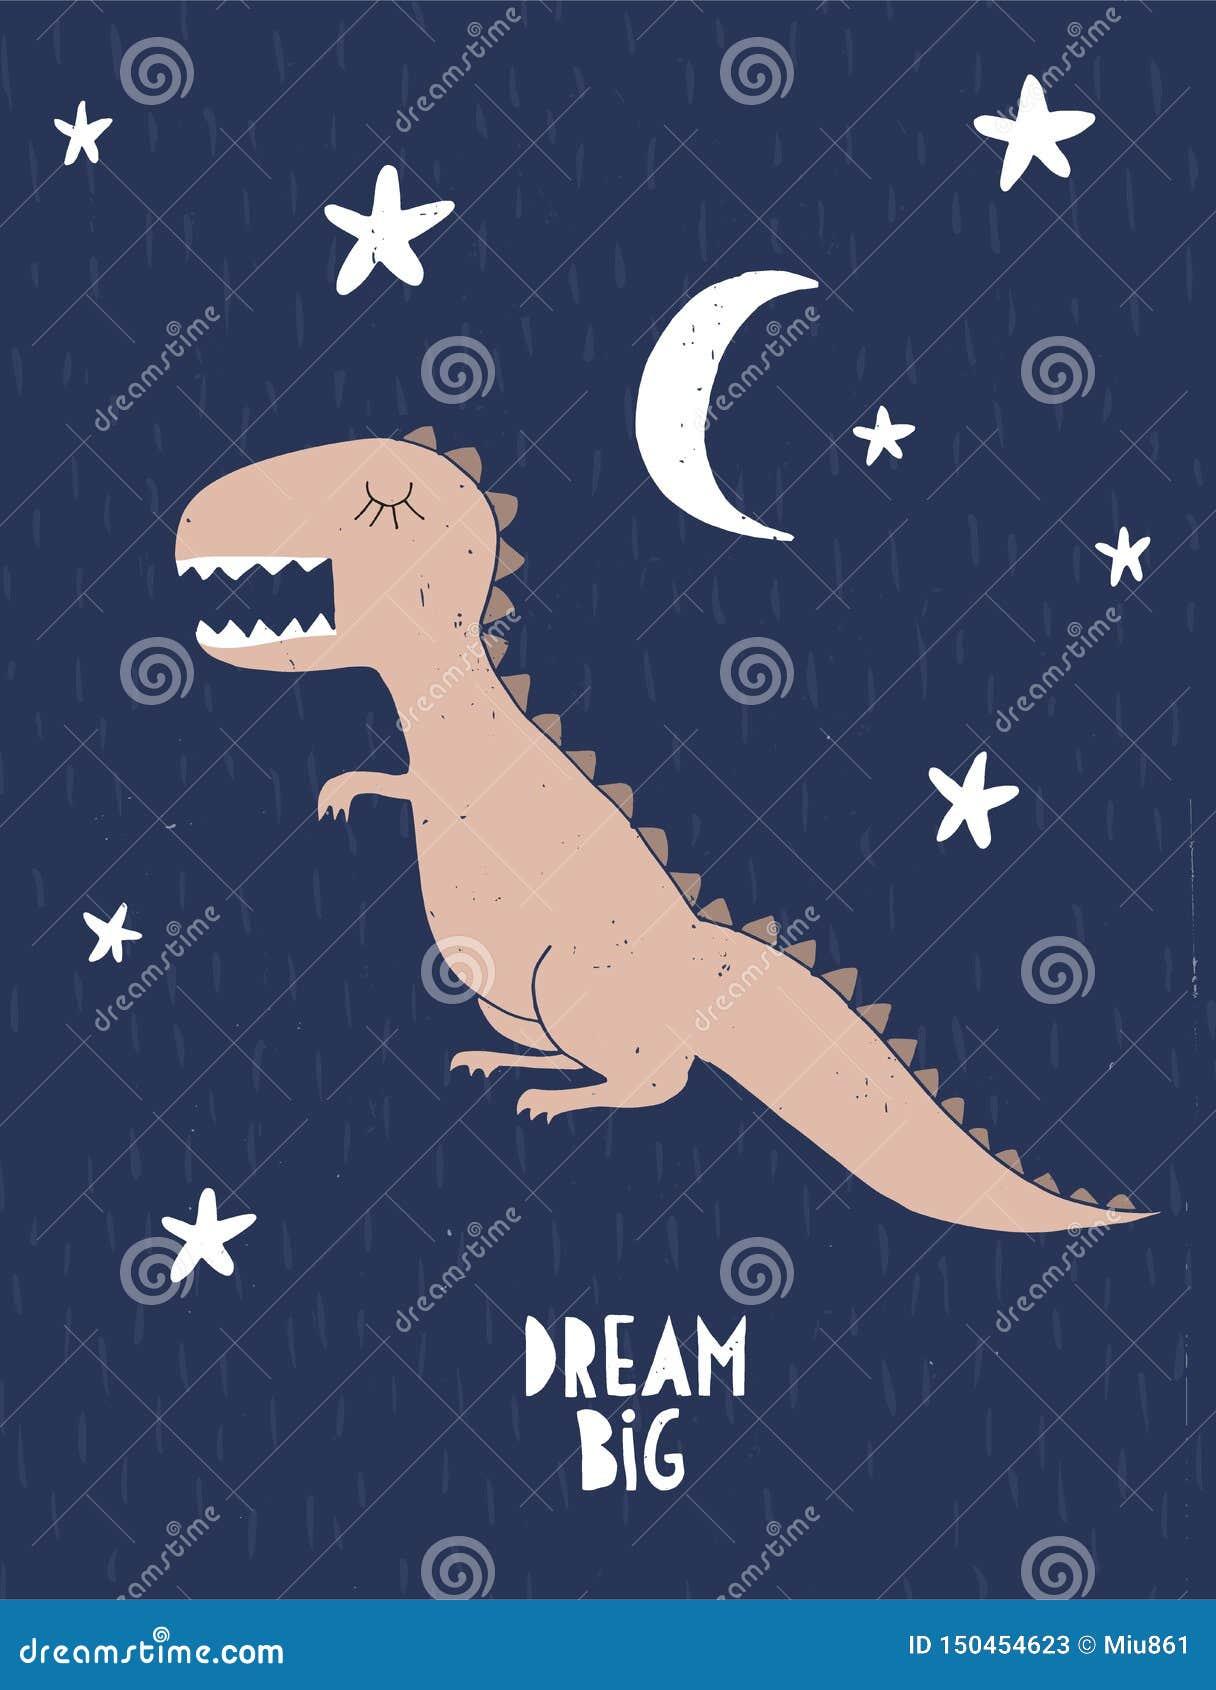 Όνειρο μεγάλο Παιδική αφίσα δεινοσαύρων ύφους Λίγος δράκος που απομονώνεται σε ένα έναστρο υπόβαθρο νύχτας